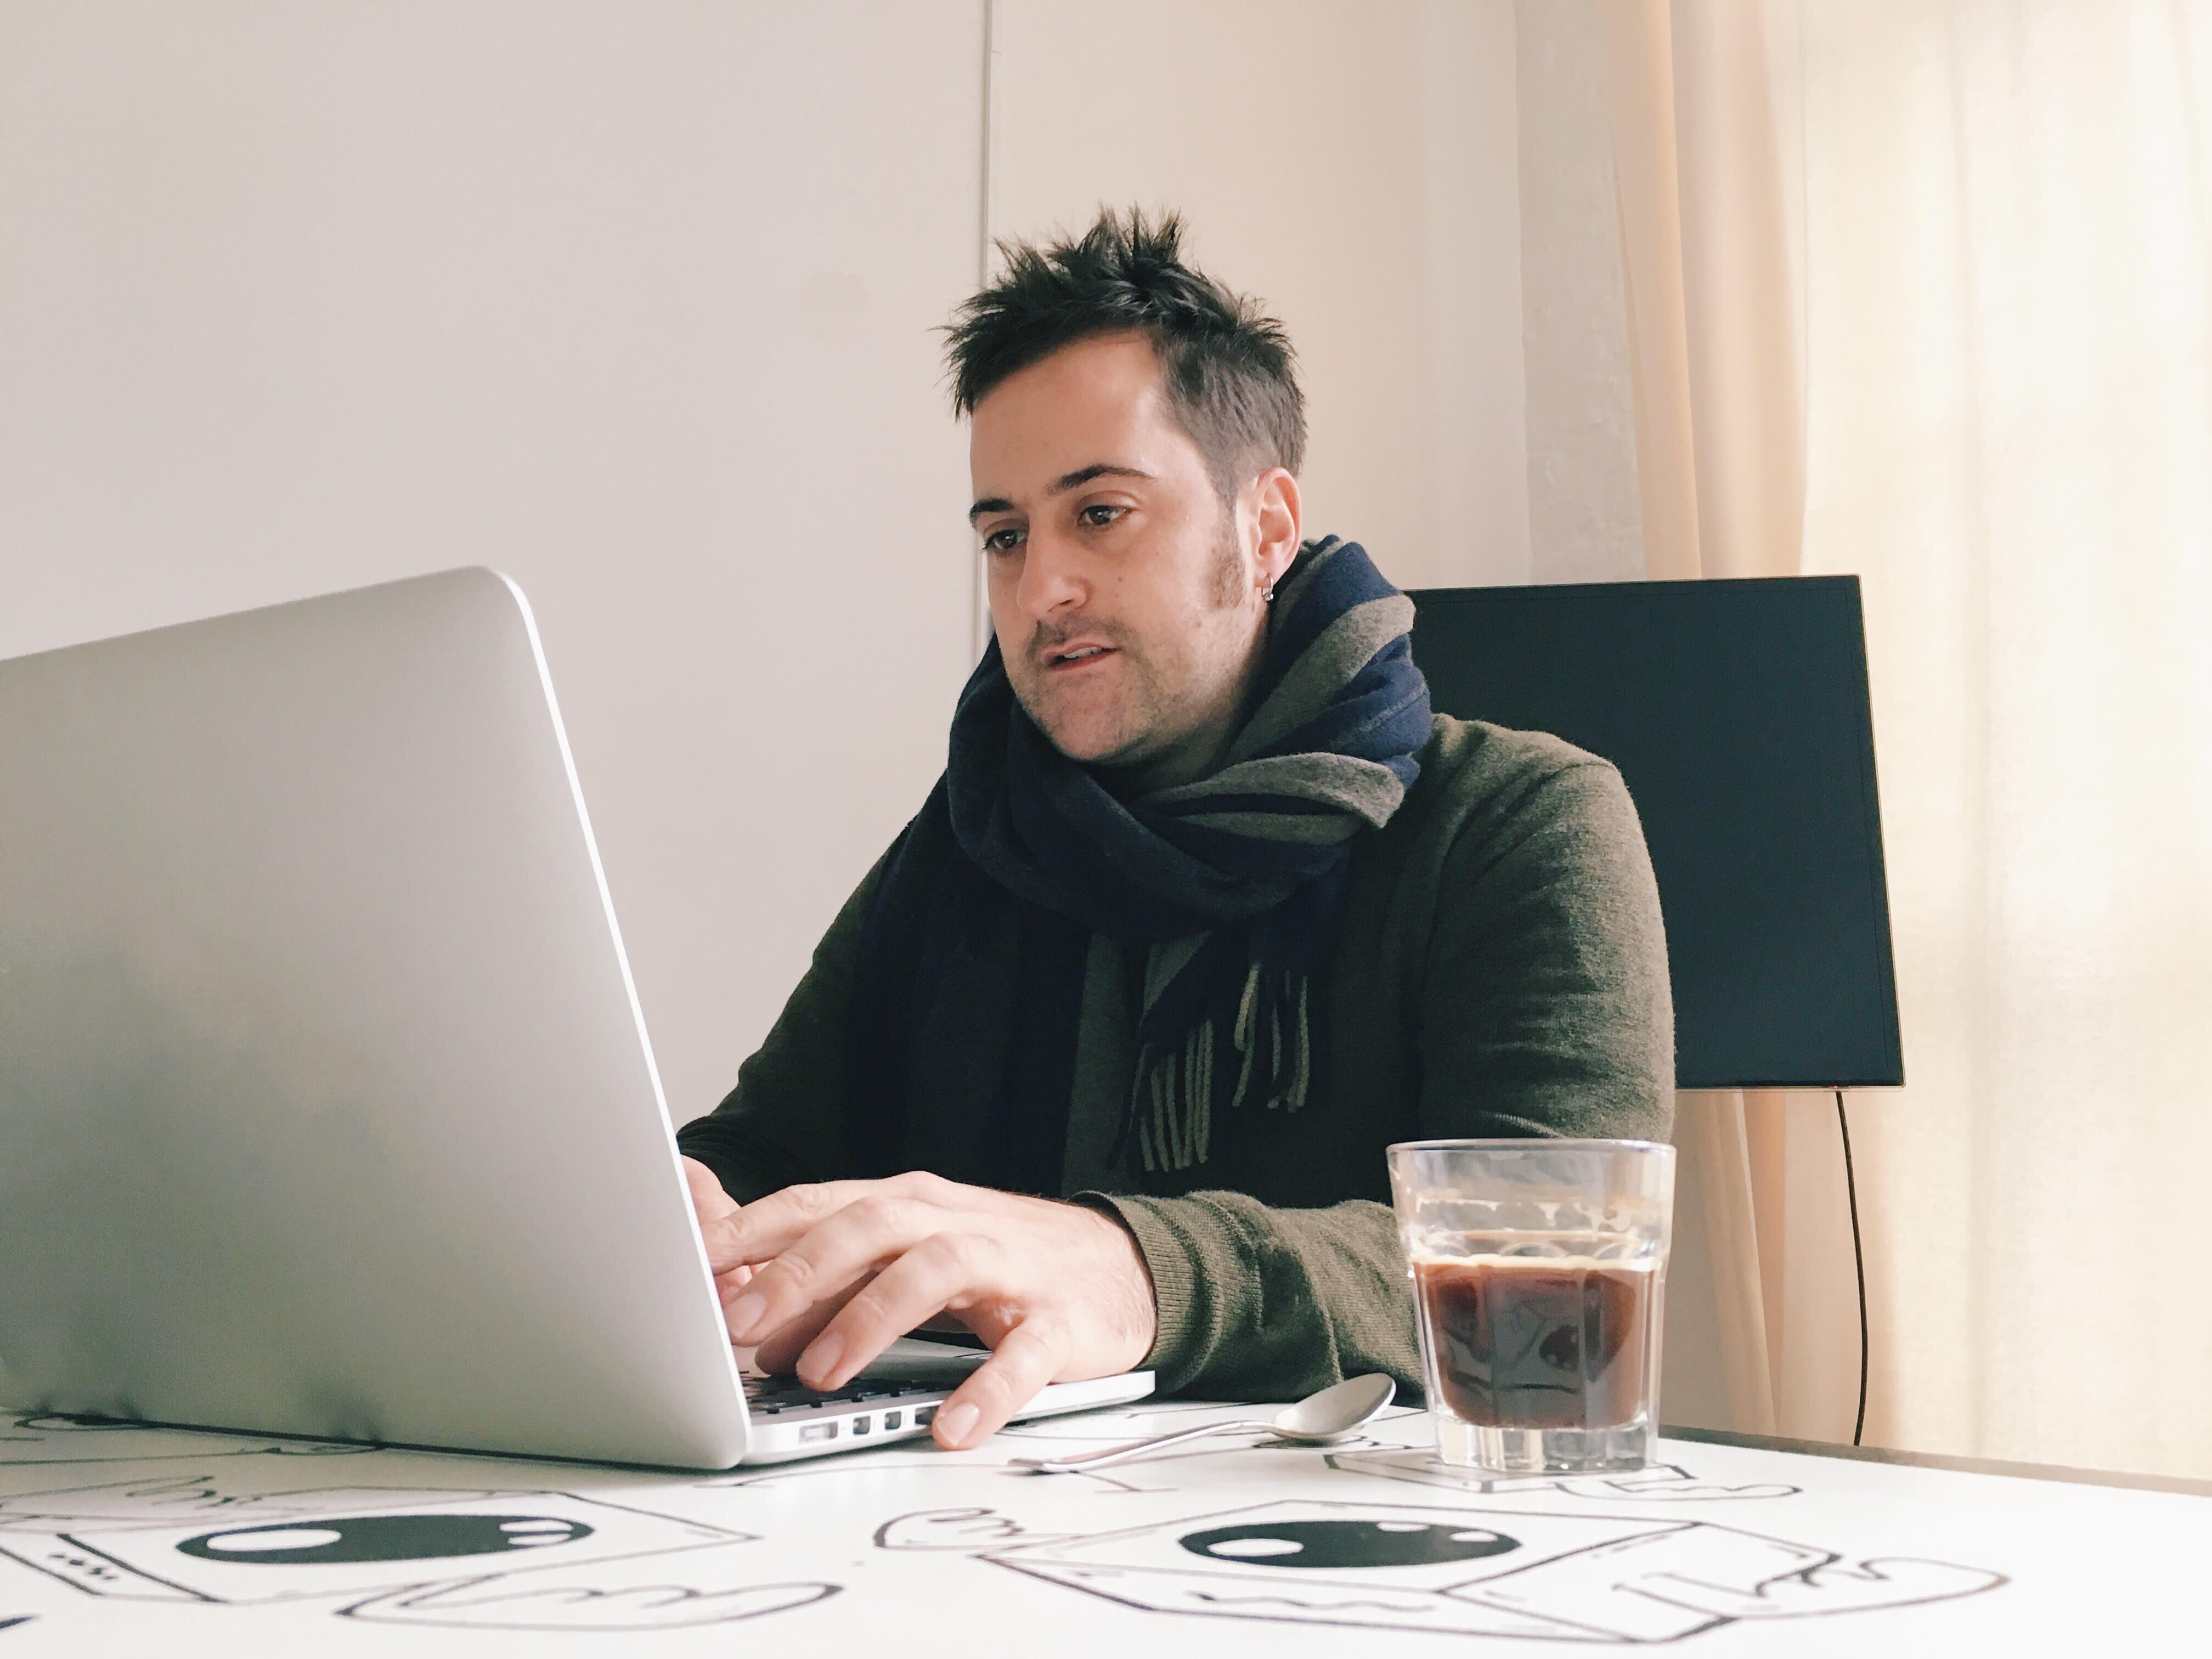 20/20: Man using laptop